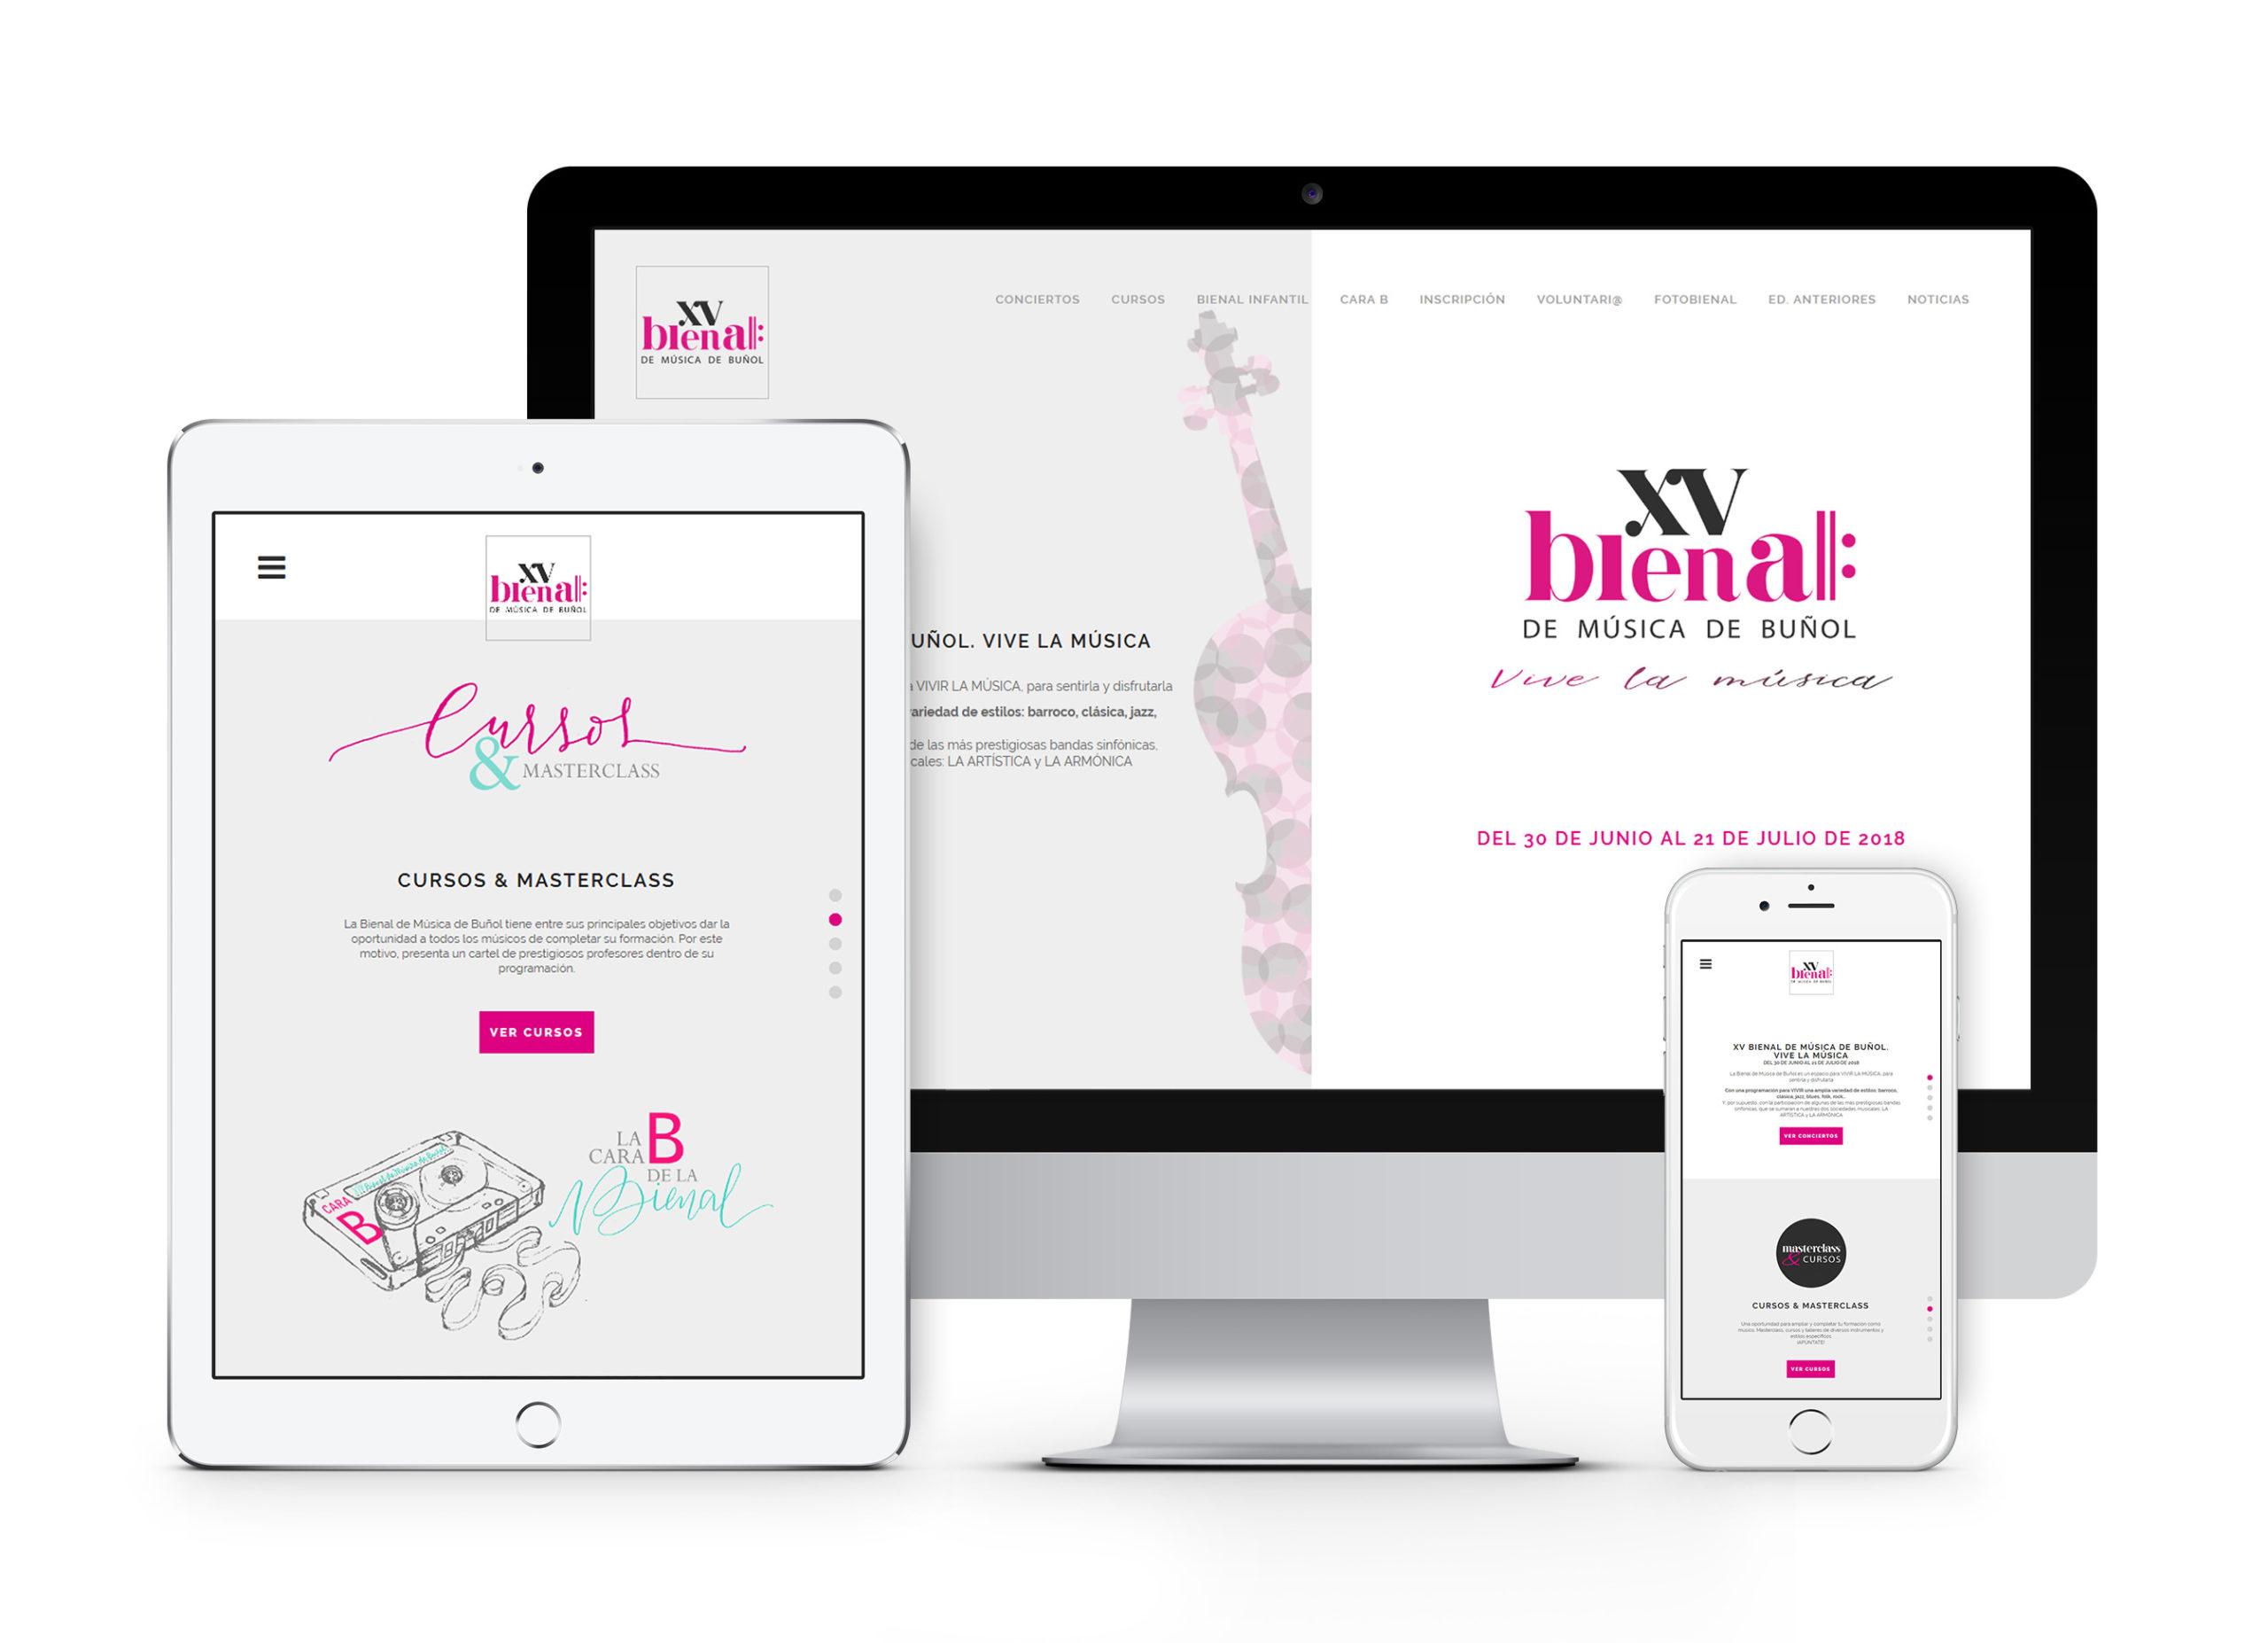 XV Bienal de Música de Buñol - Diseño y desarrollo web